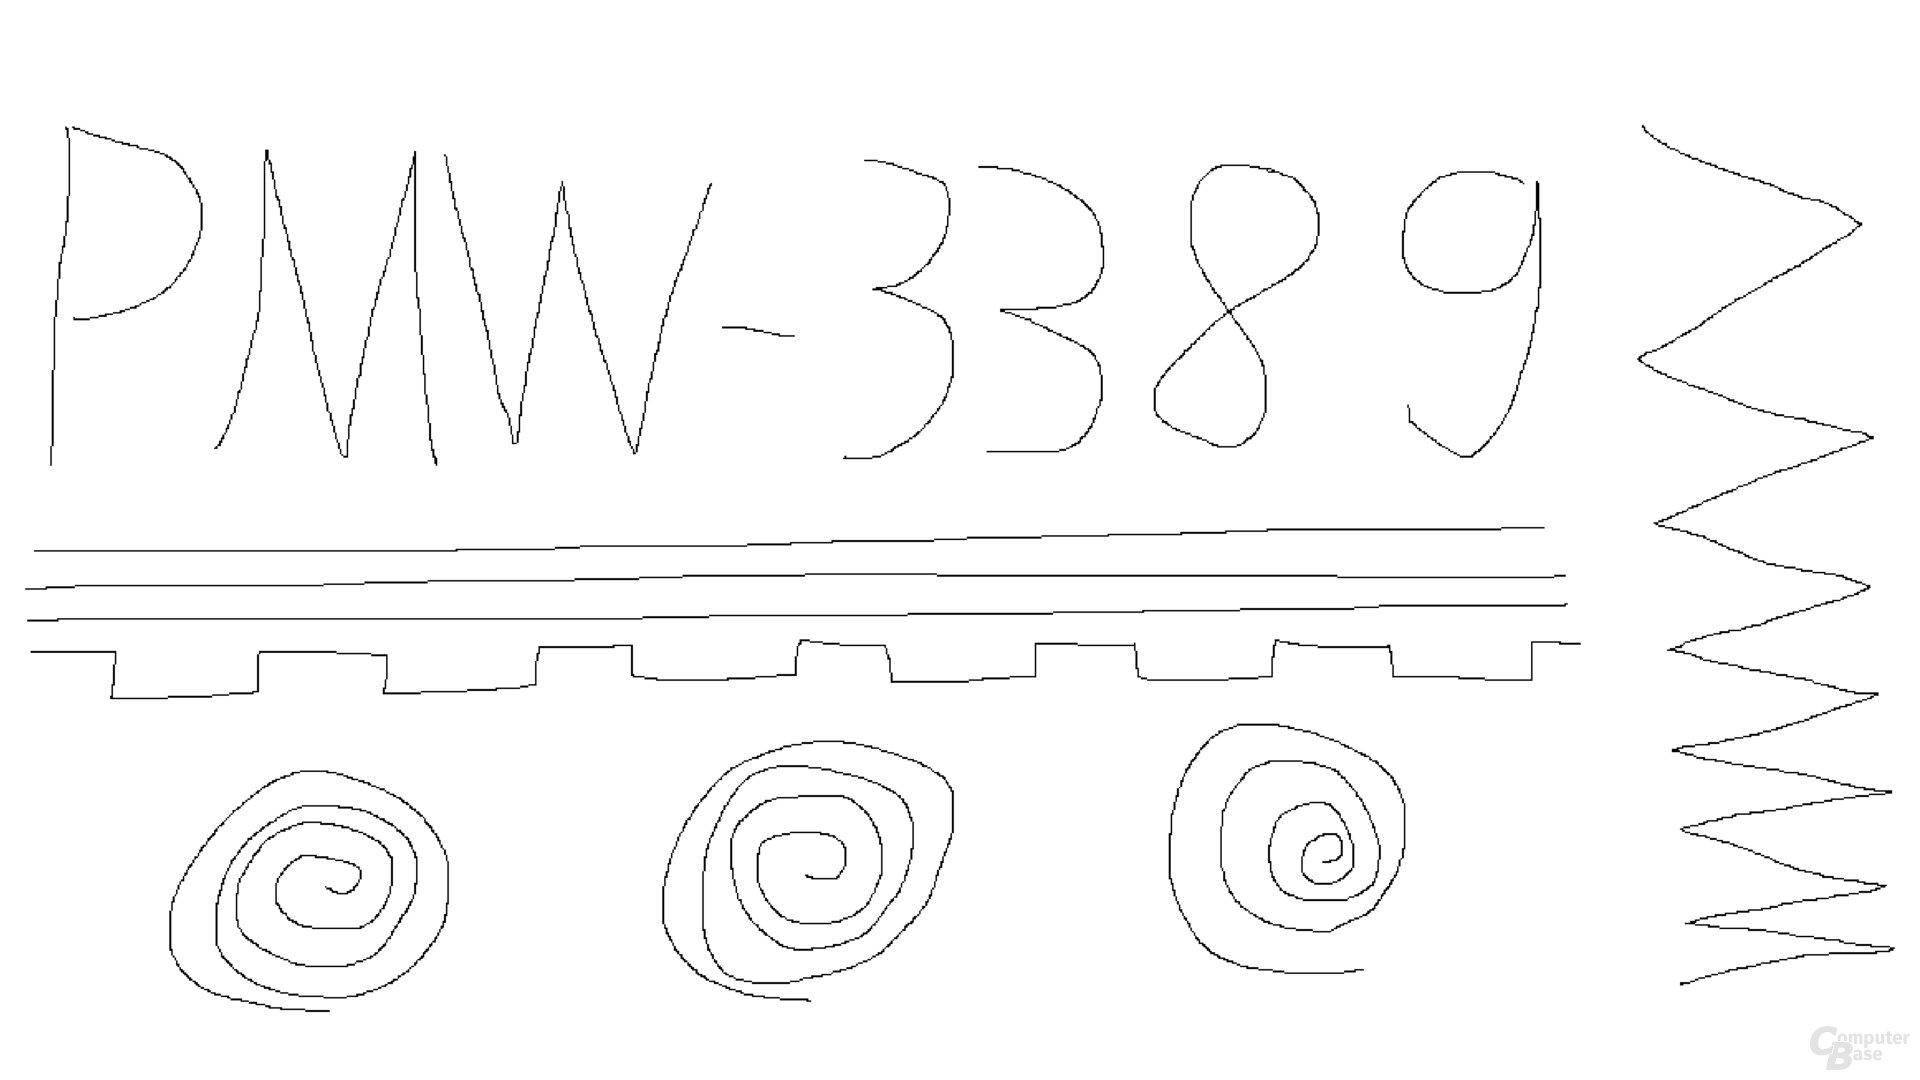 PixArt PMW-3389 (1.000 Hz, Mikrofaseruntergrund); Kringel mit 400, 1.000 und 1.600 dpi gezeichnet